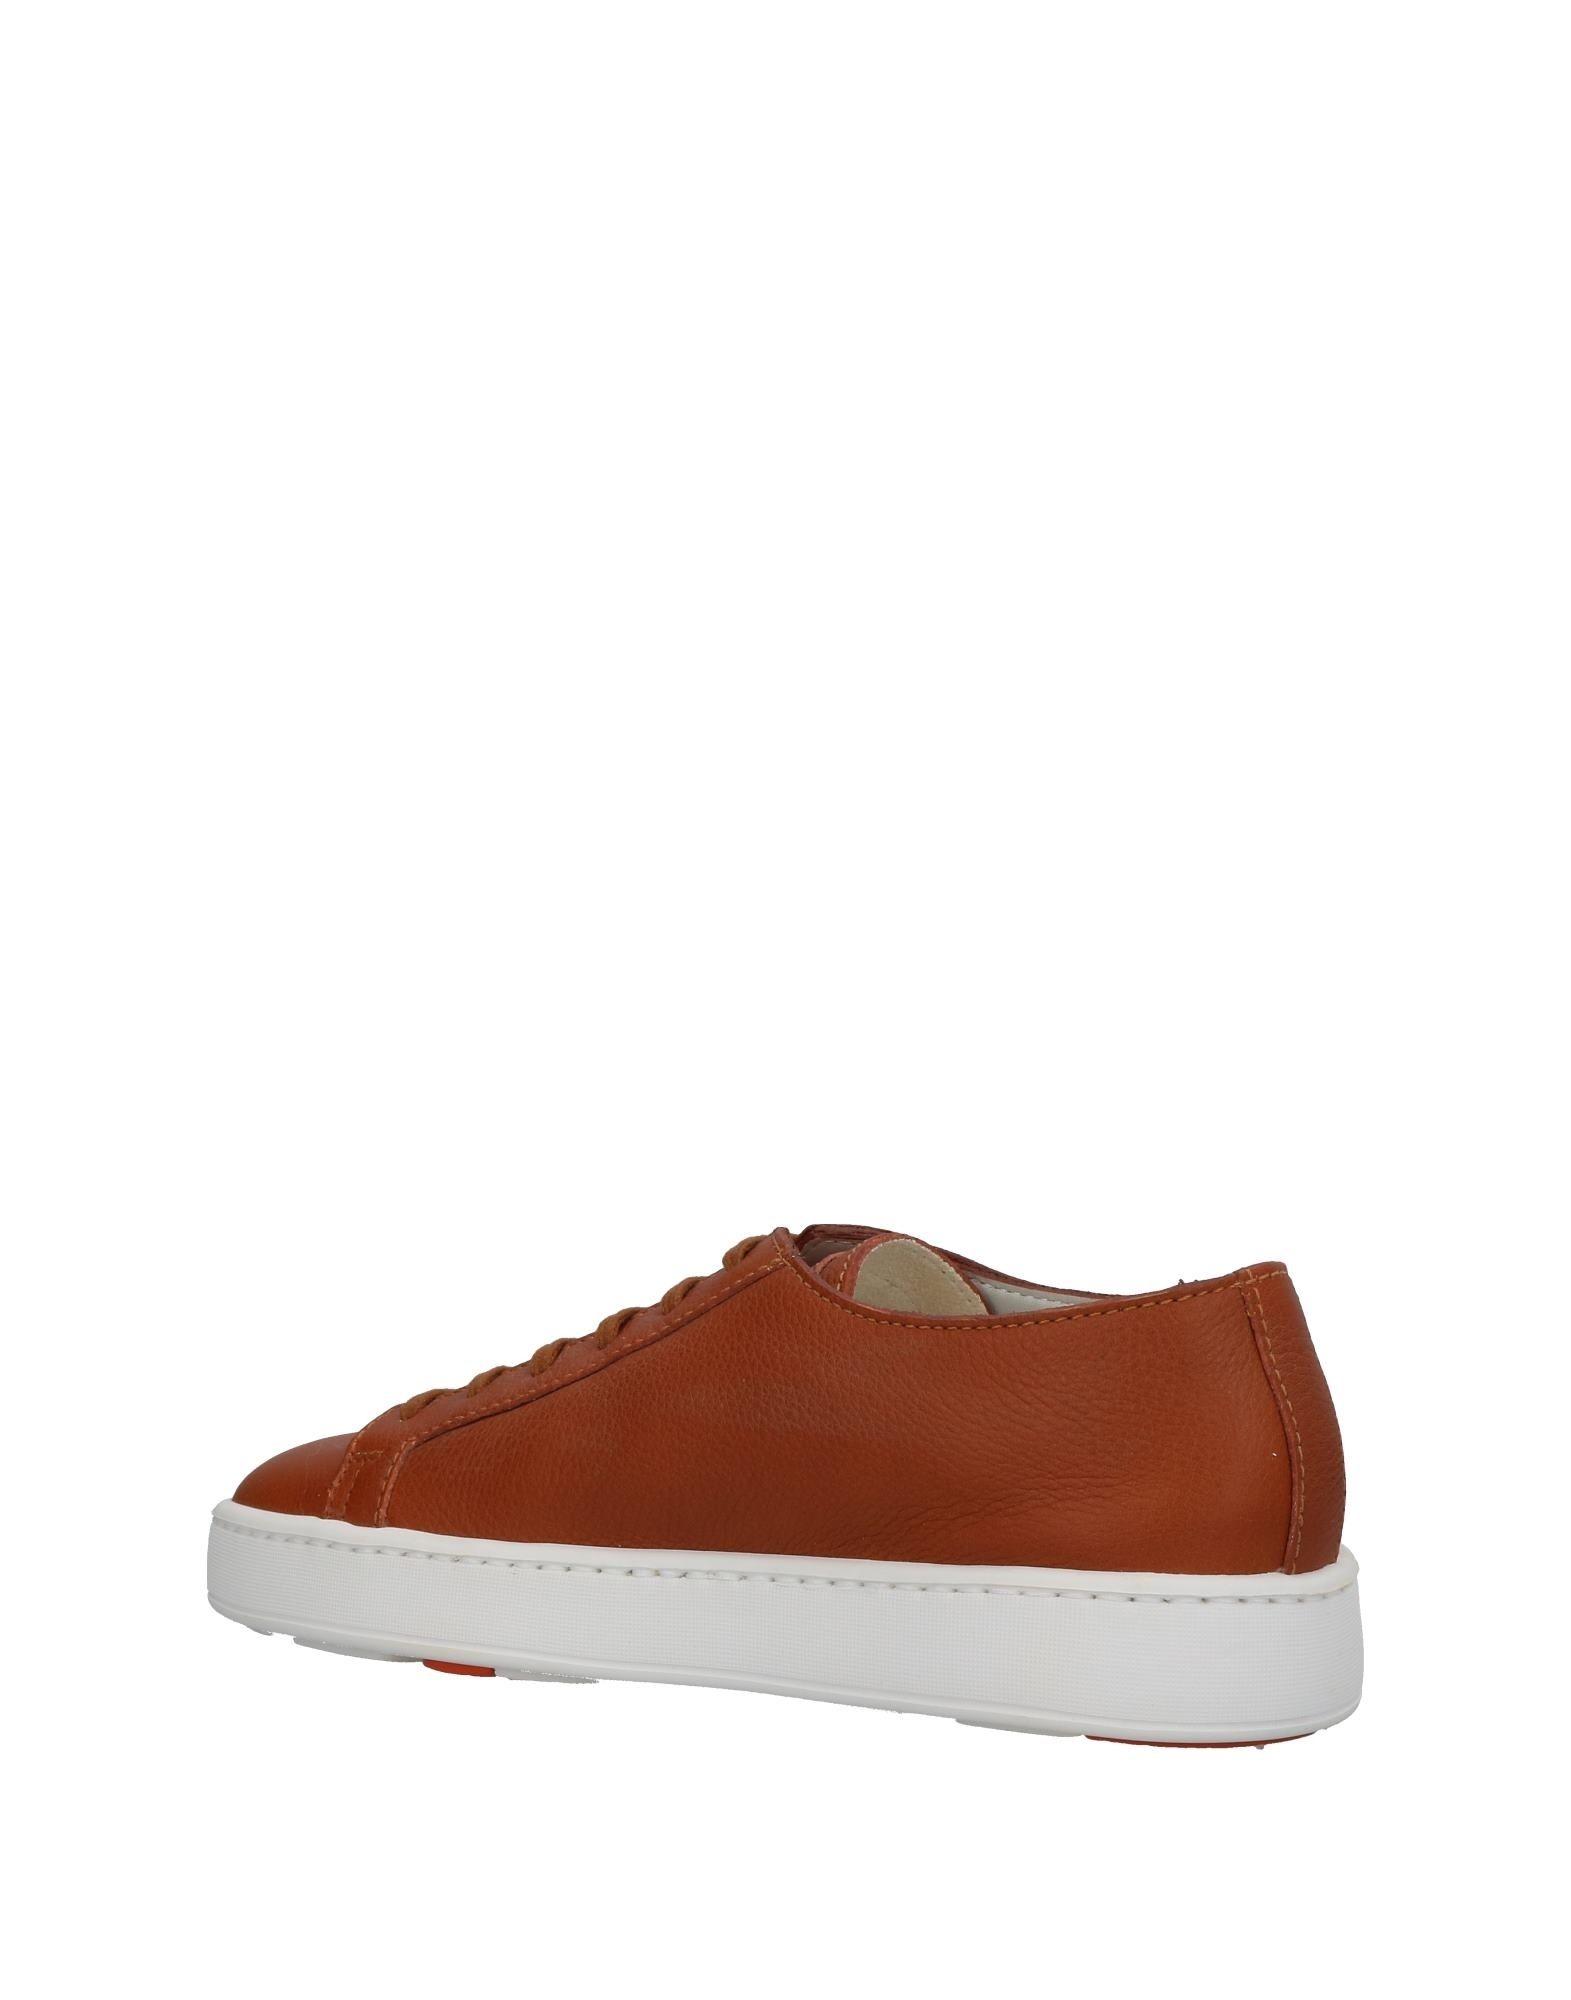 Santoni Sneakers Herren    11410136CU Heiße Schuhe afbd52